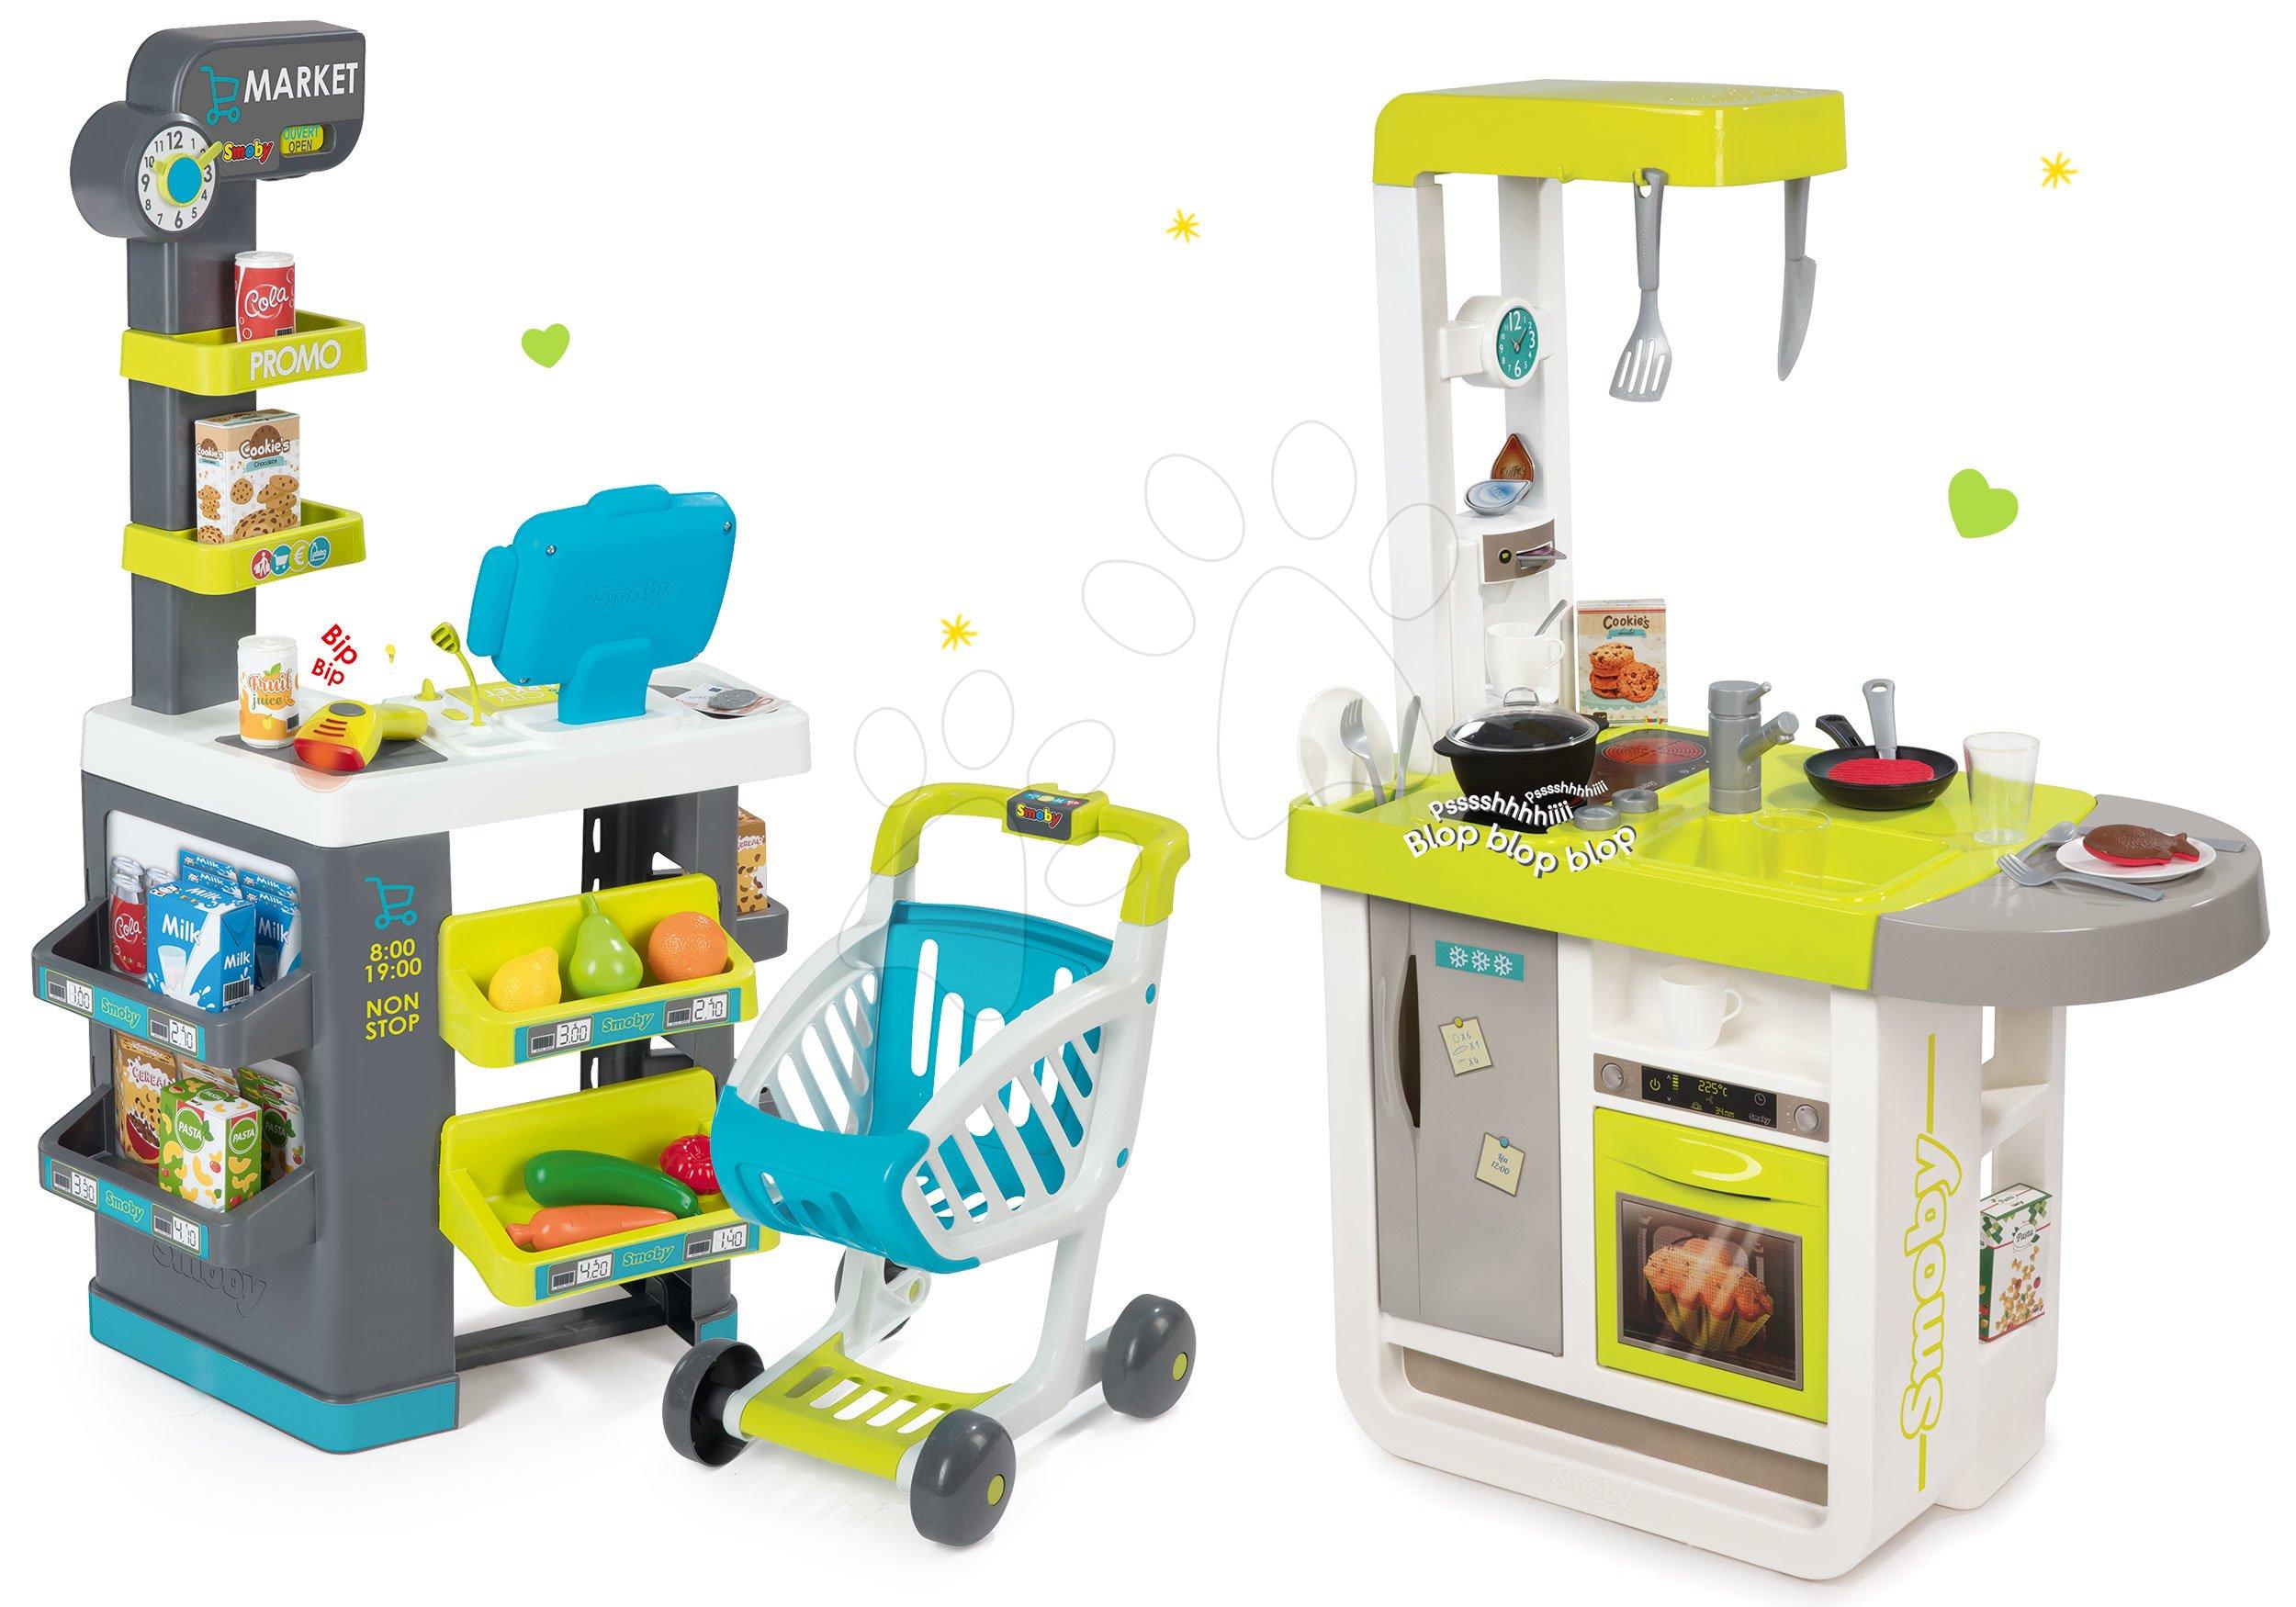 Smoby set detská kuchynka elektronická Cherry so zvukmi a obchod s pokladňou a potravinami 310908-6